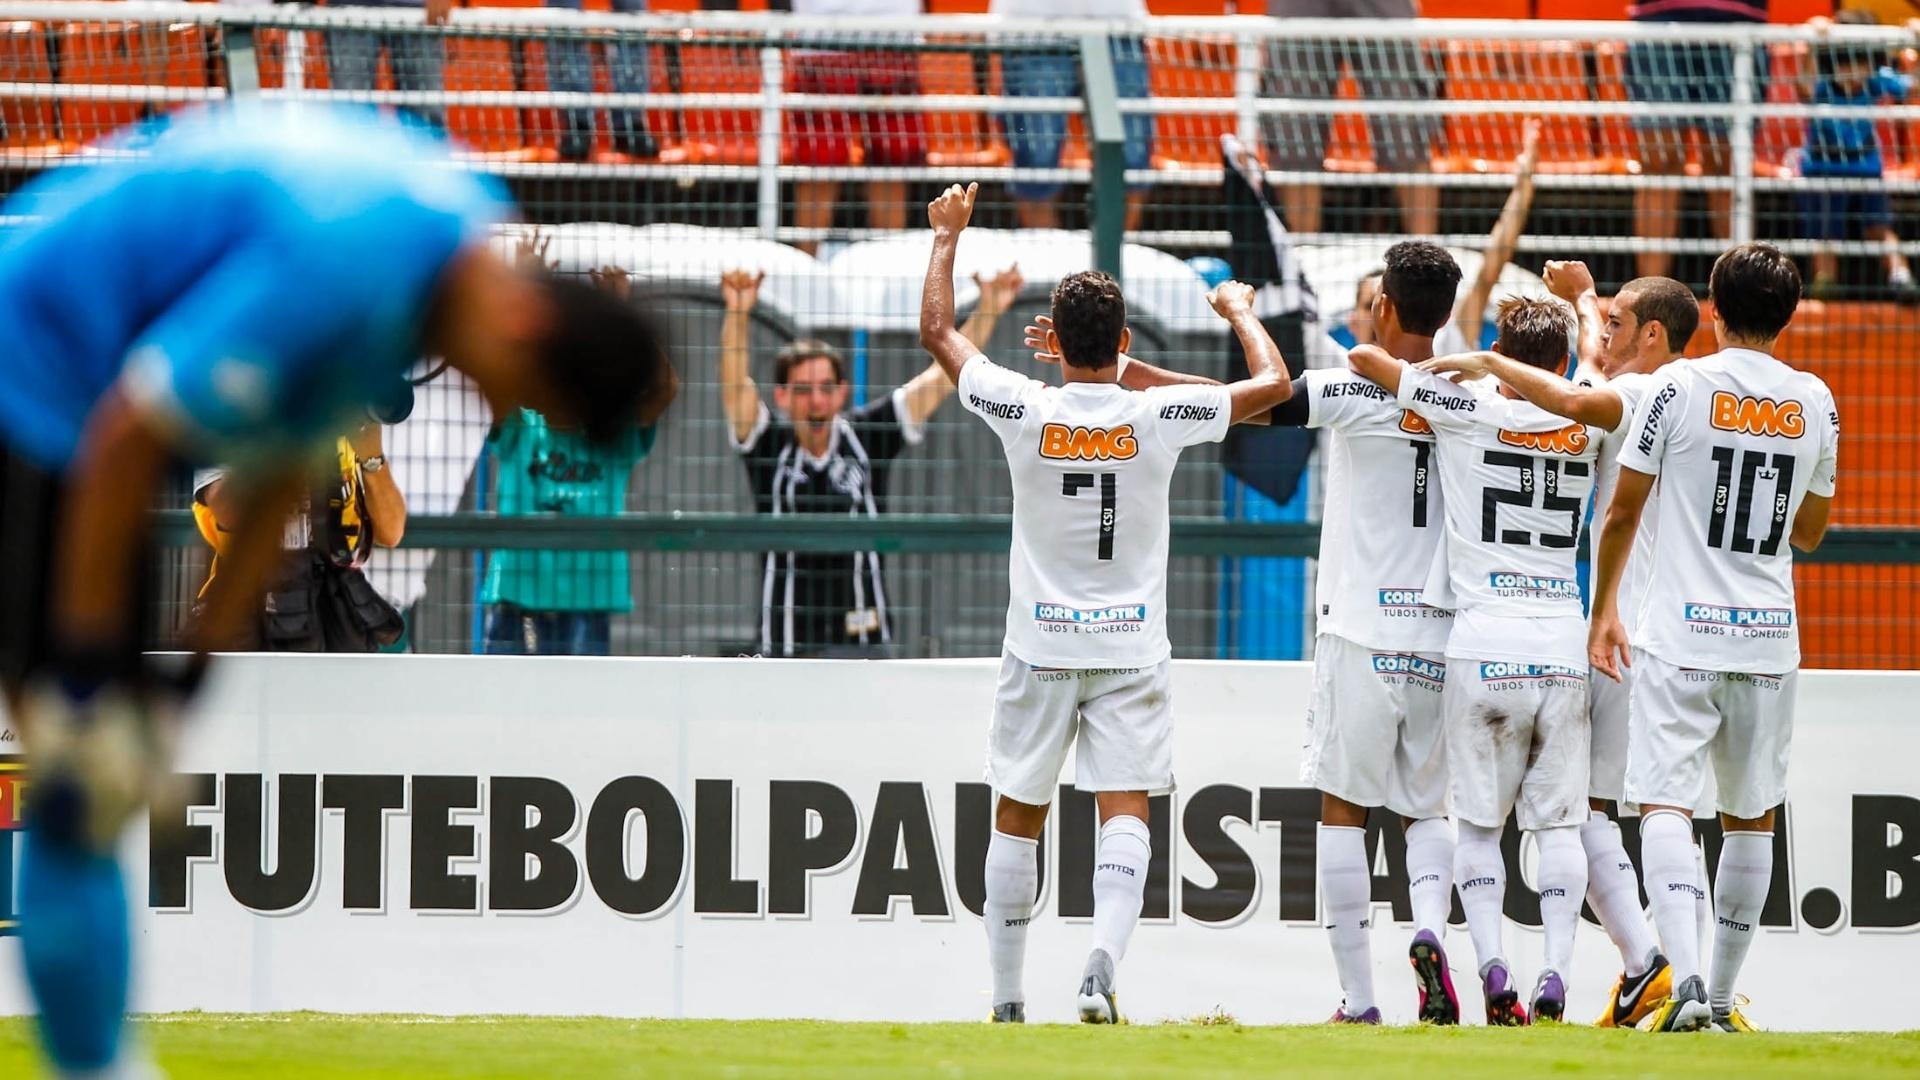 25.jan.2013 - Jogadores do Santos comemoram o gol de Giva, o 3° do time, enquanto o goleiro do Goiás lamenta